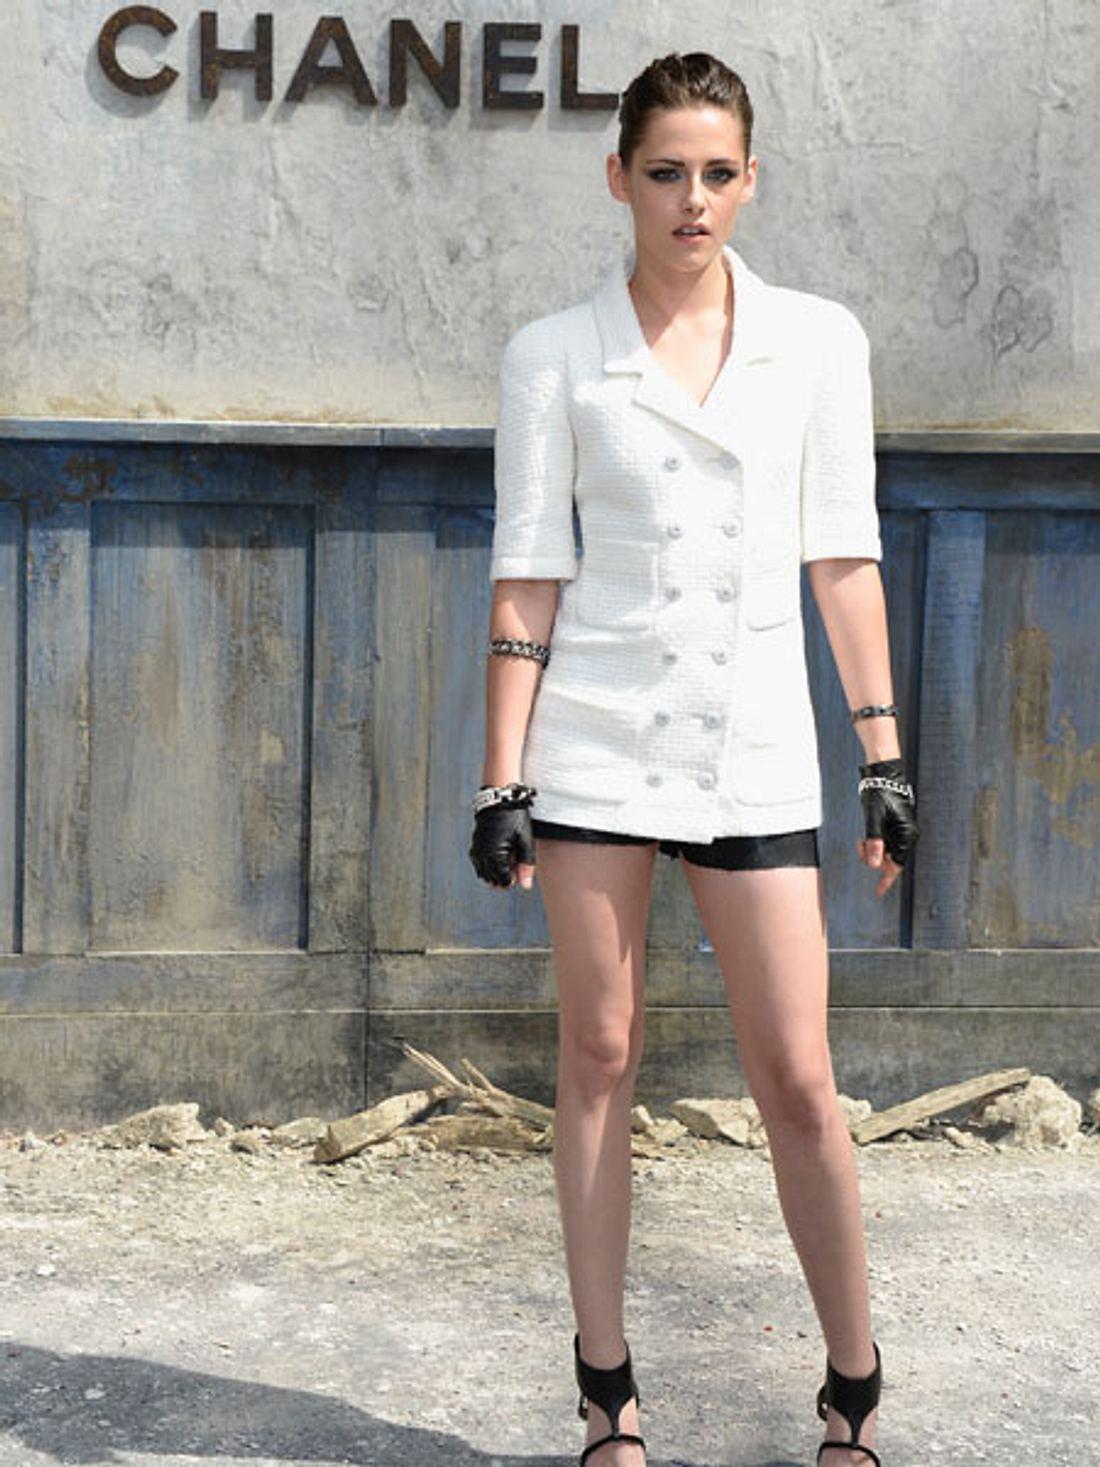 Kristen Stewart im beinfreien Outfit auf der fashion Week in Paris.